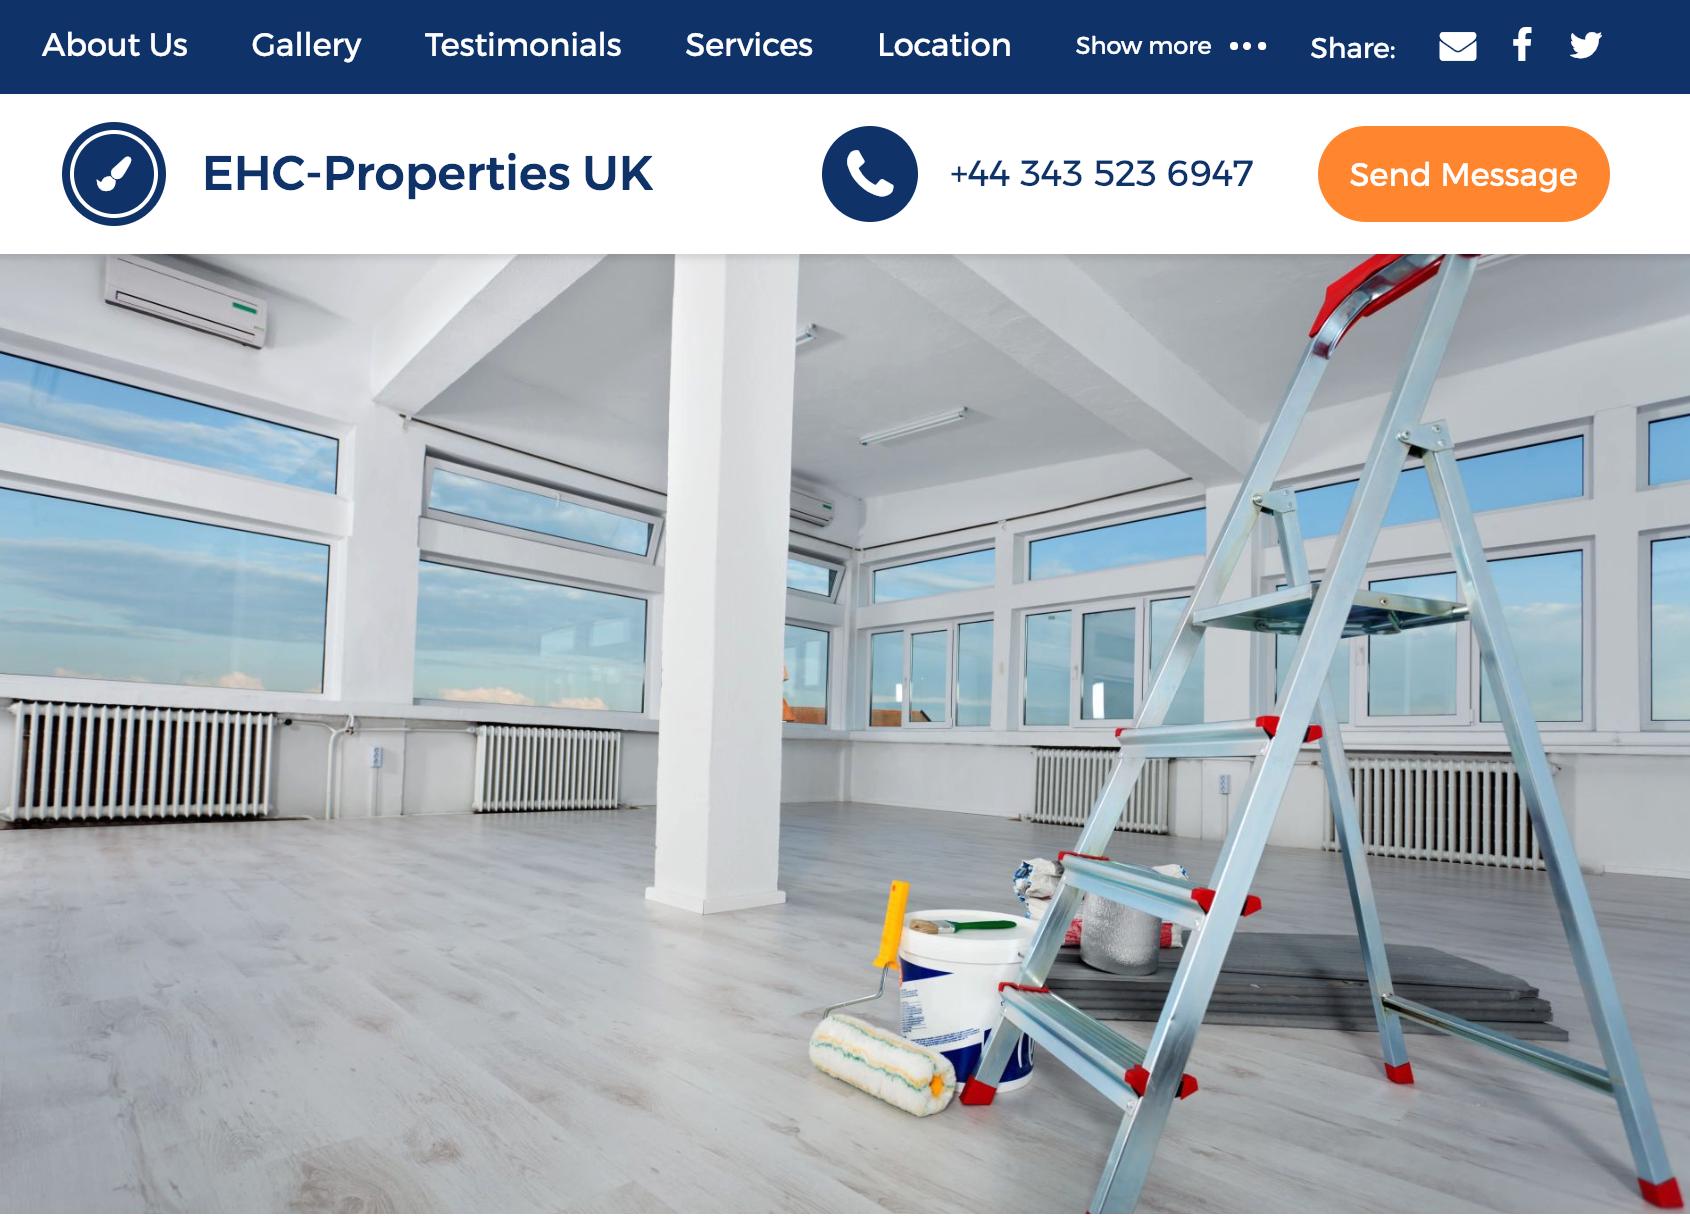 EHC-Properties UK